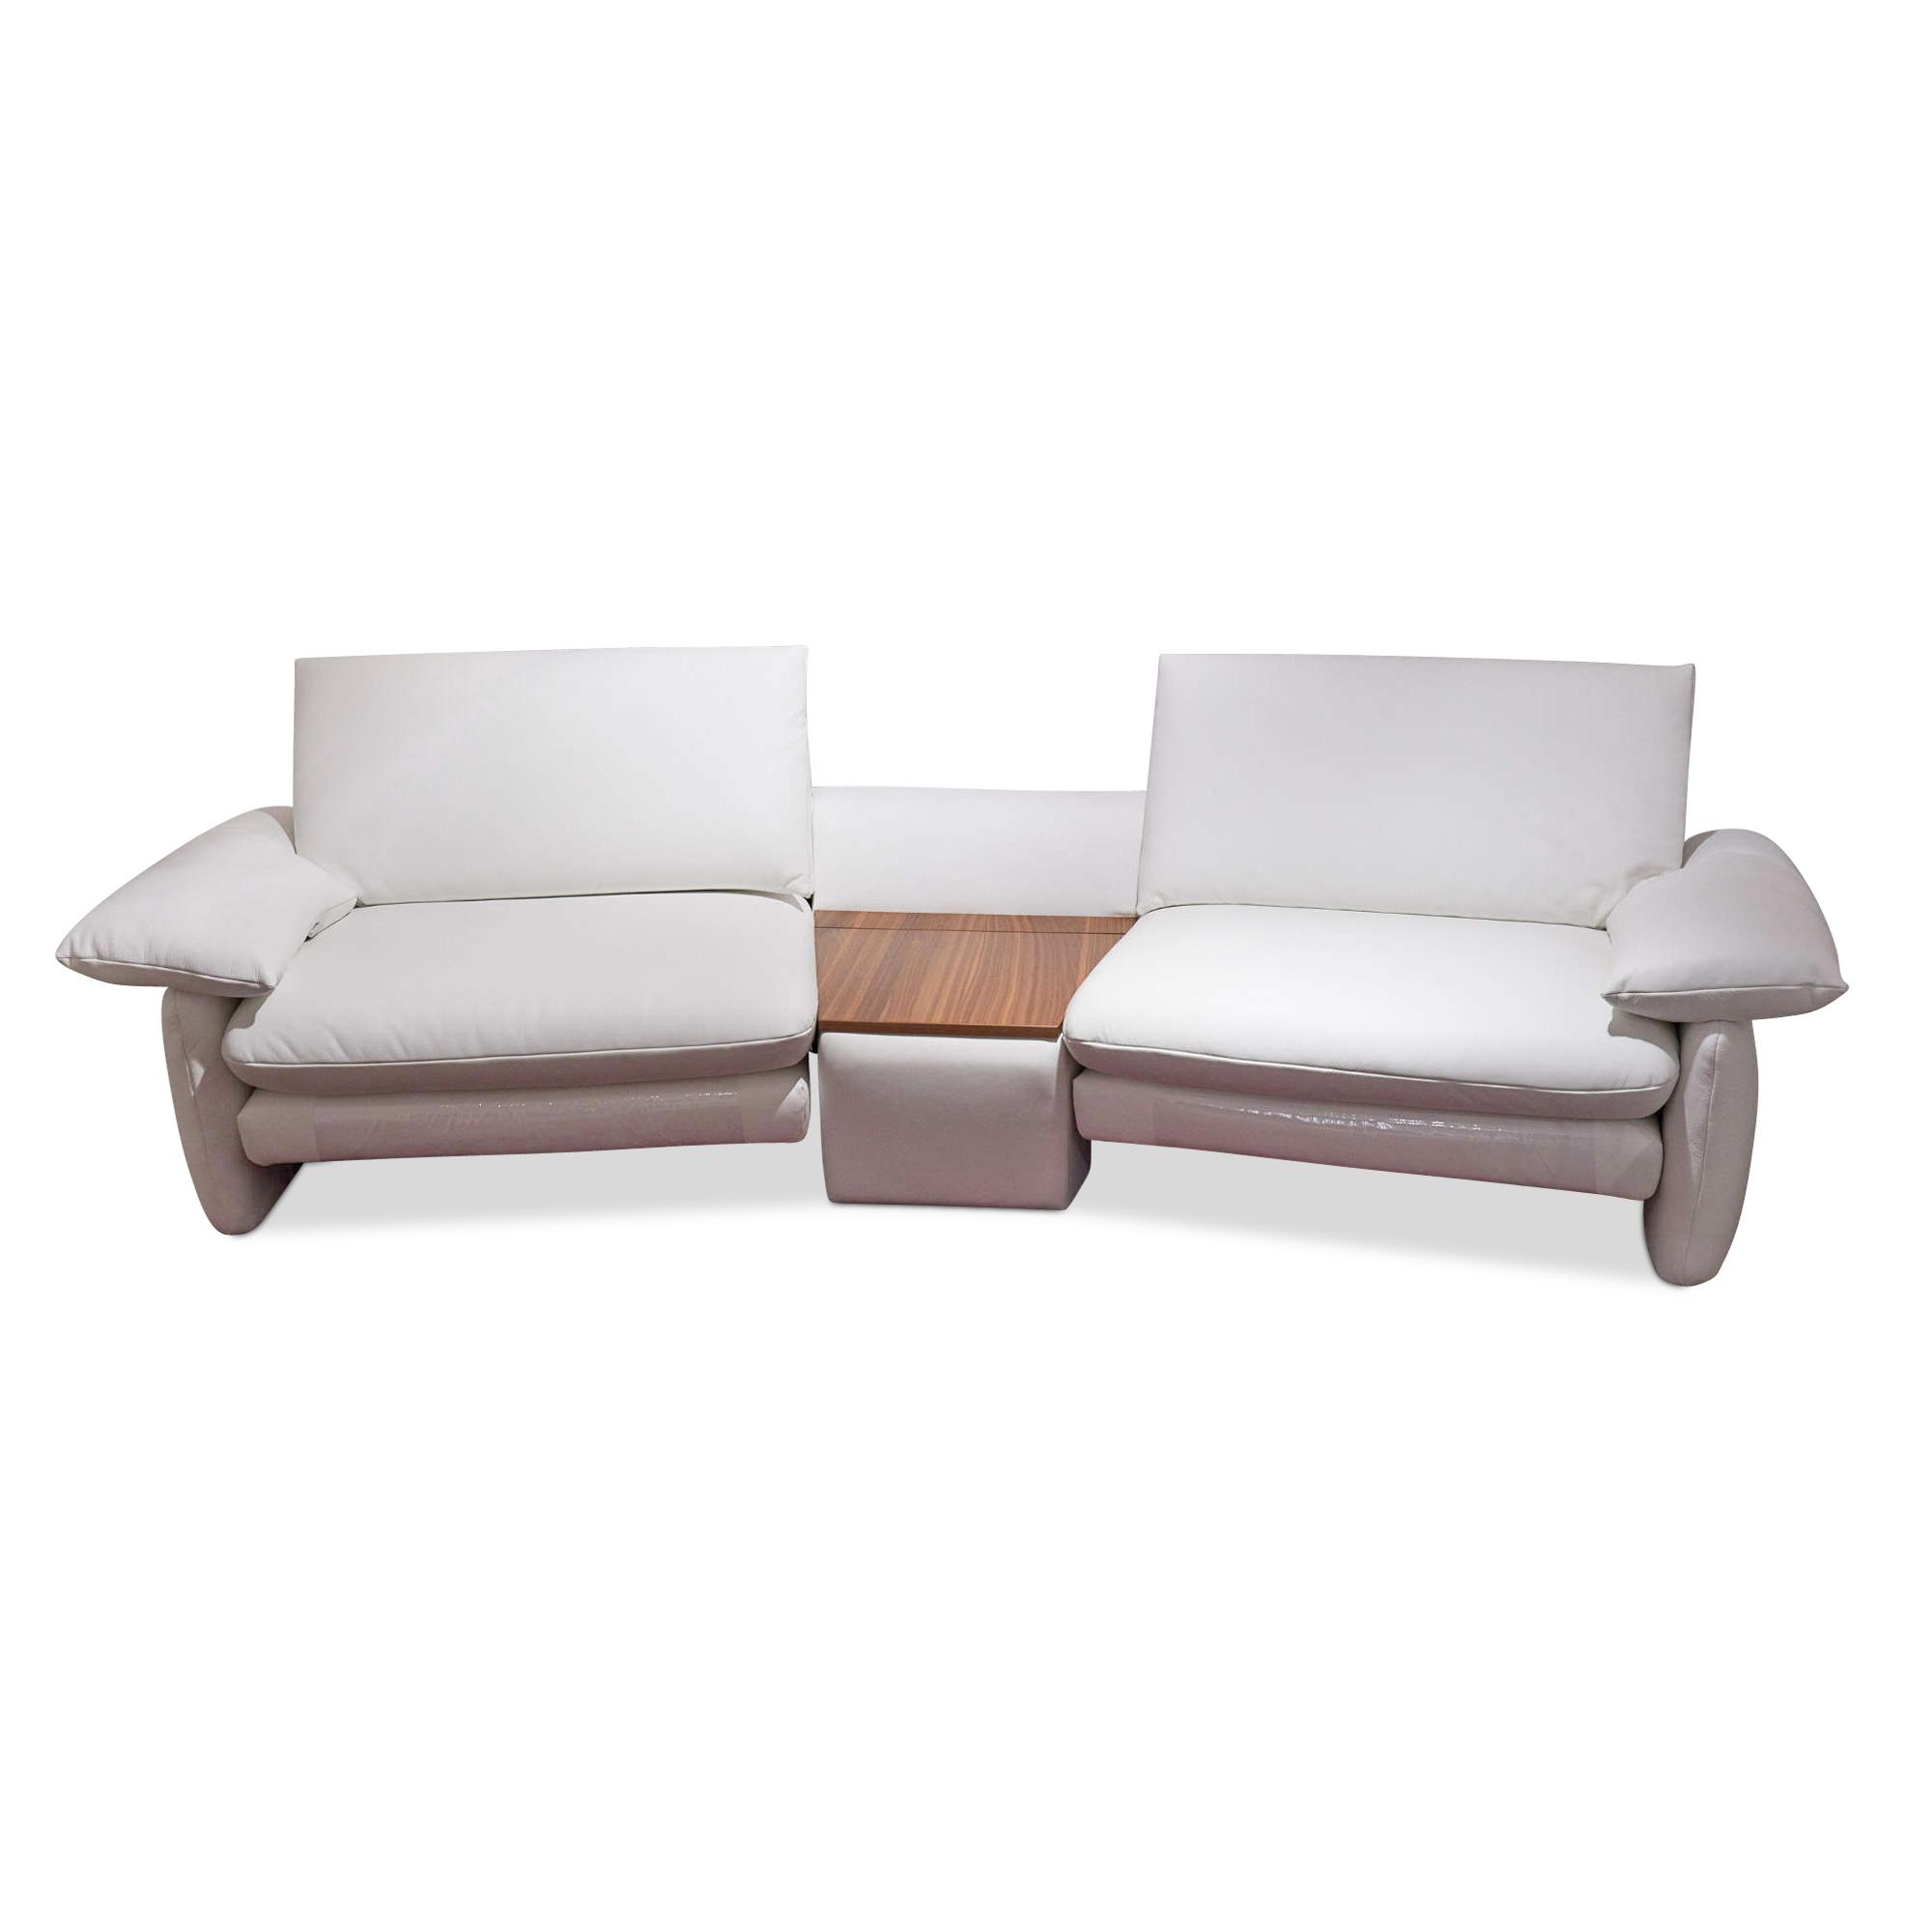 Sofa Cosima mit Relaxfunktion – Koinor – Sofas – günstig kaufen